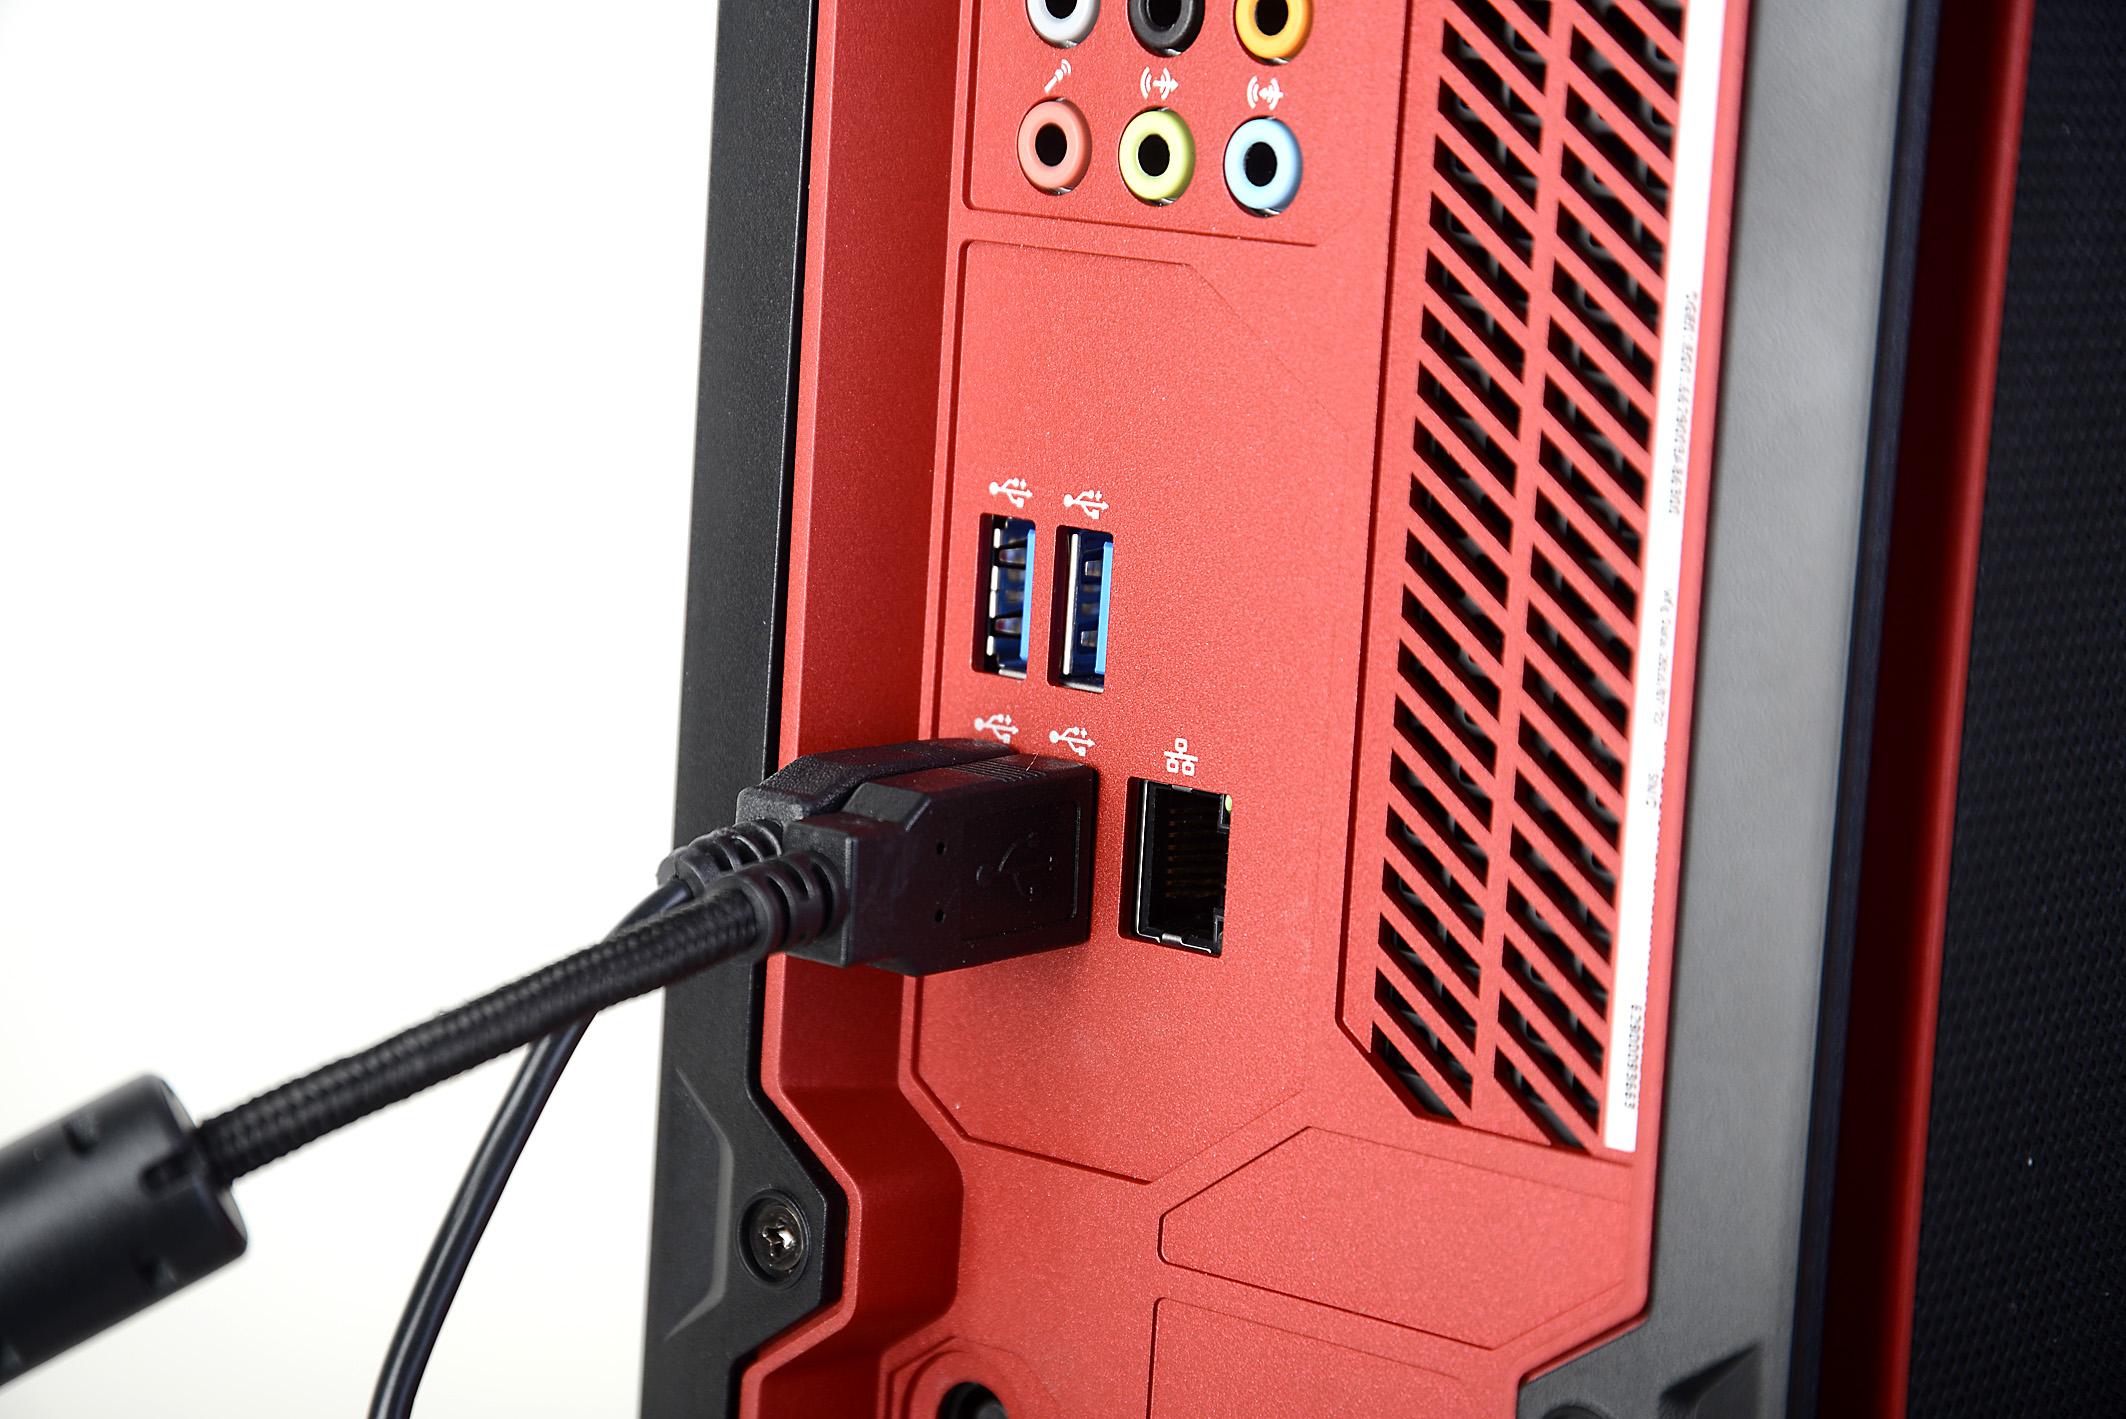 Auf der Rückseite befinden sich mehrere Anschlüsse, um all die Geräte mit dem PC zu verbinden, die nicht ständig getauscht werden sollen. Dazu gehören sicherlich Maus, Tastatur und zwei Netzkabel. Foto: Michael B. Rehders